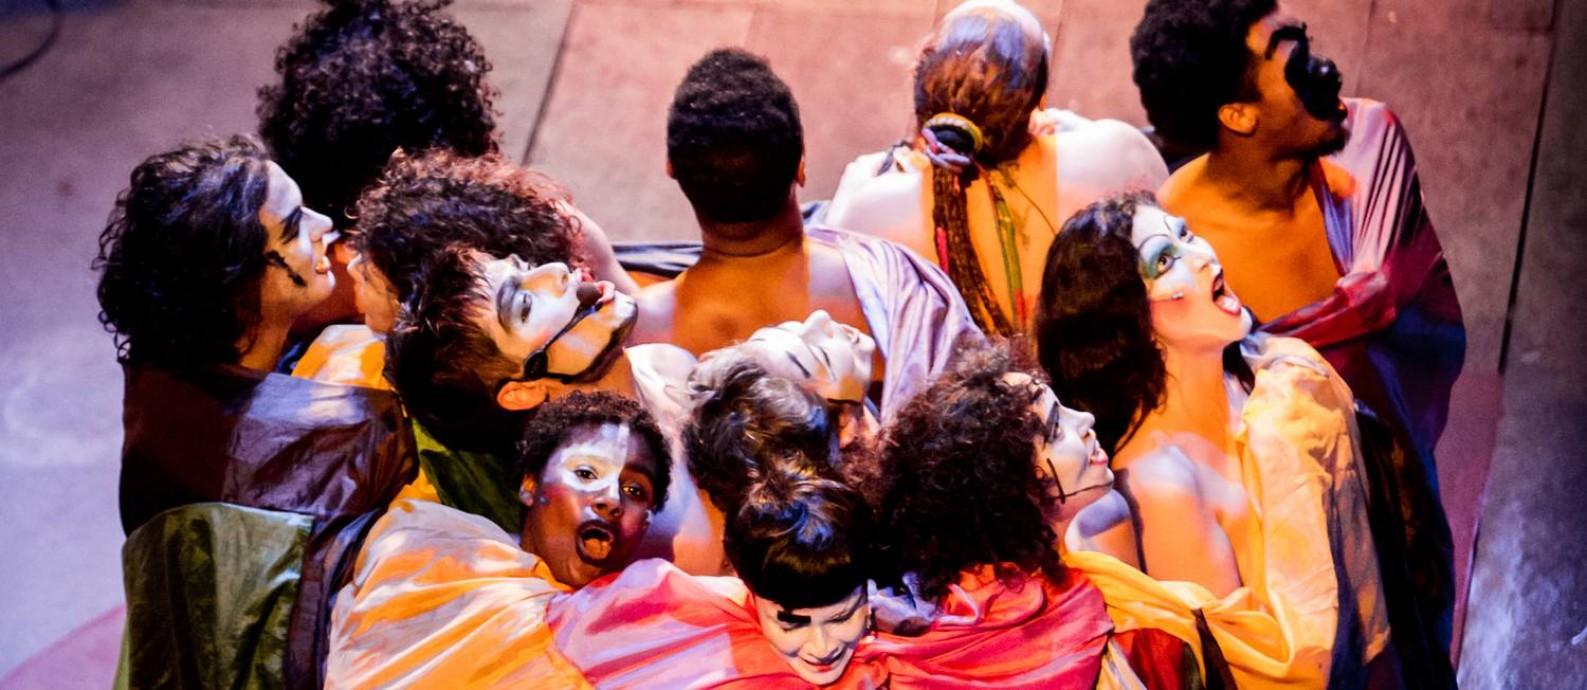 Cena da nova montagem da peça 'Roda viva', do Grupo Oficina Foto: Paula Caldas / Divulgação